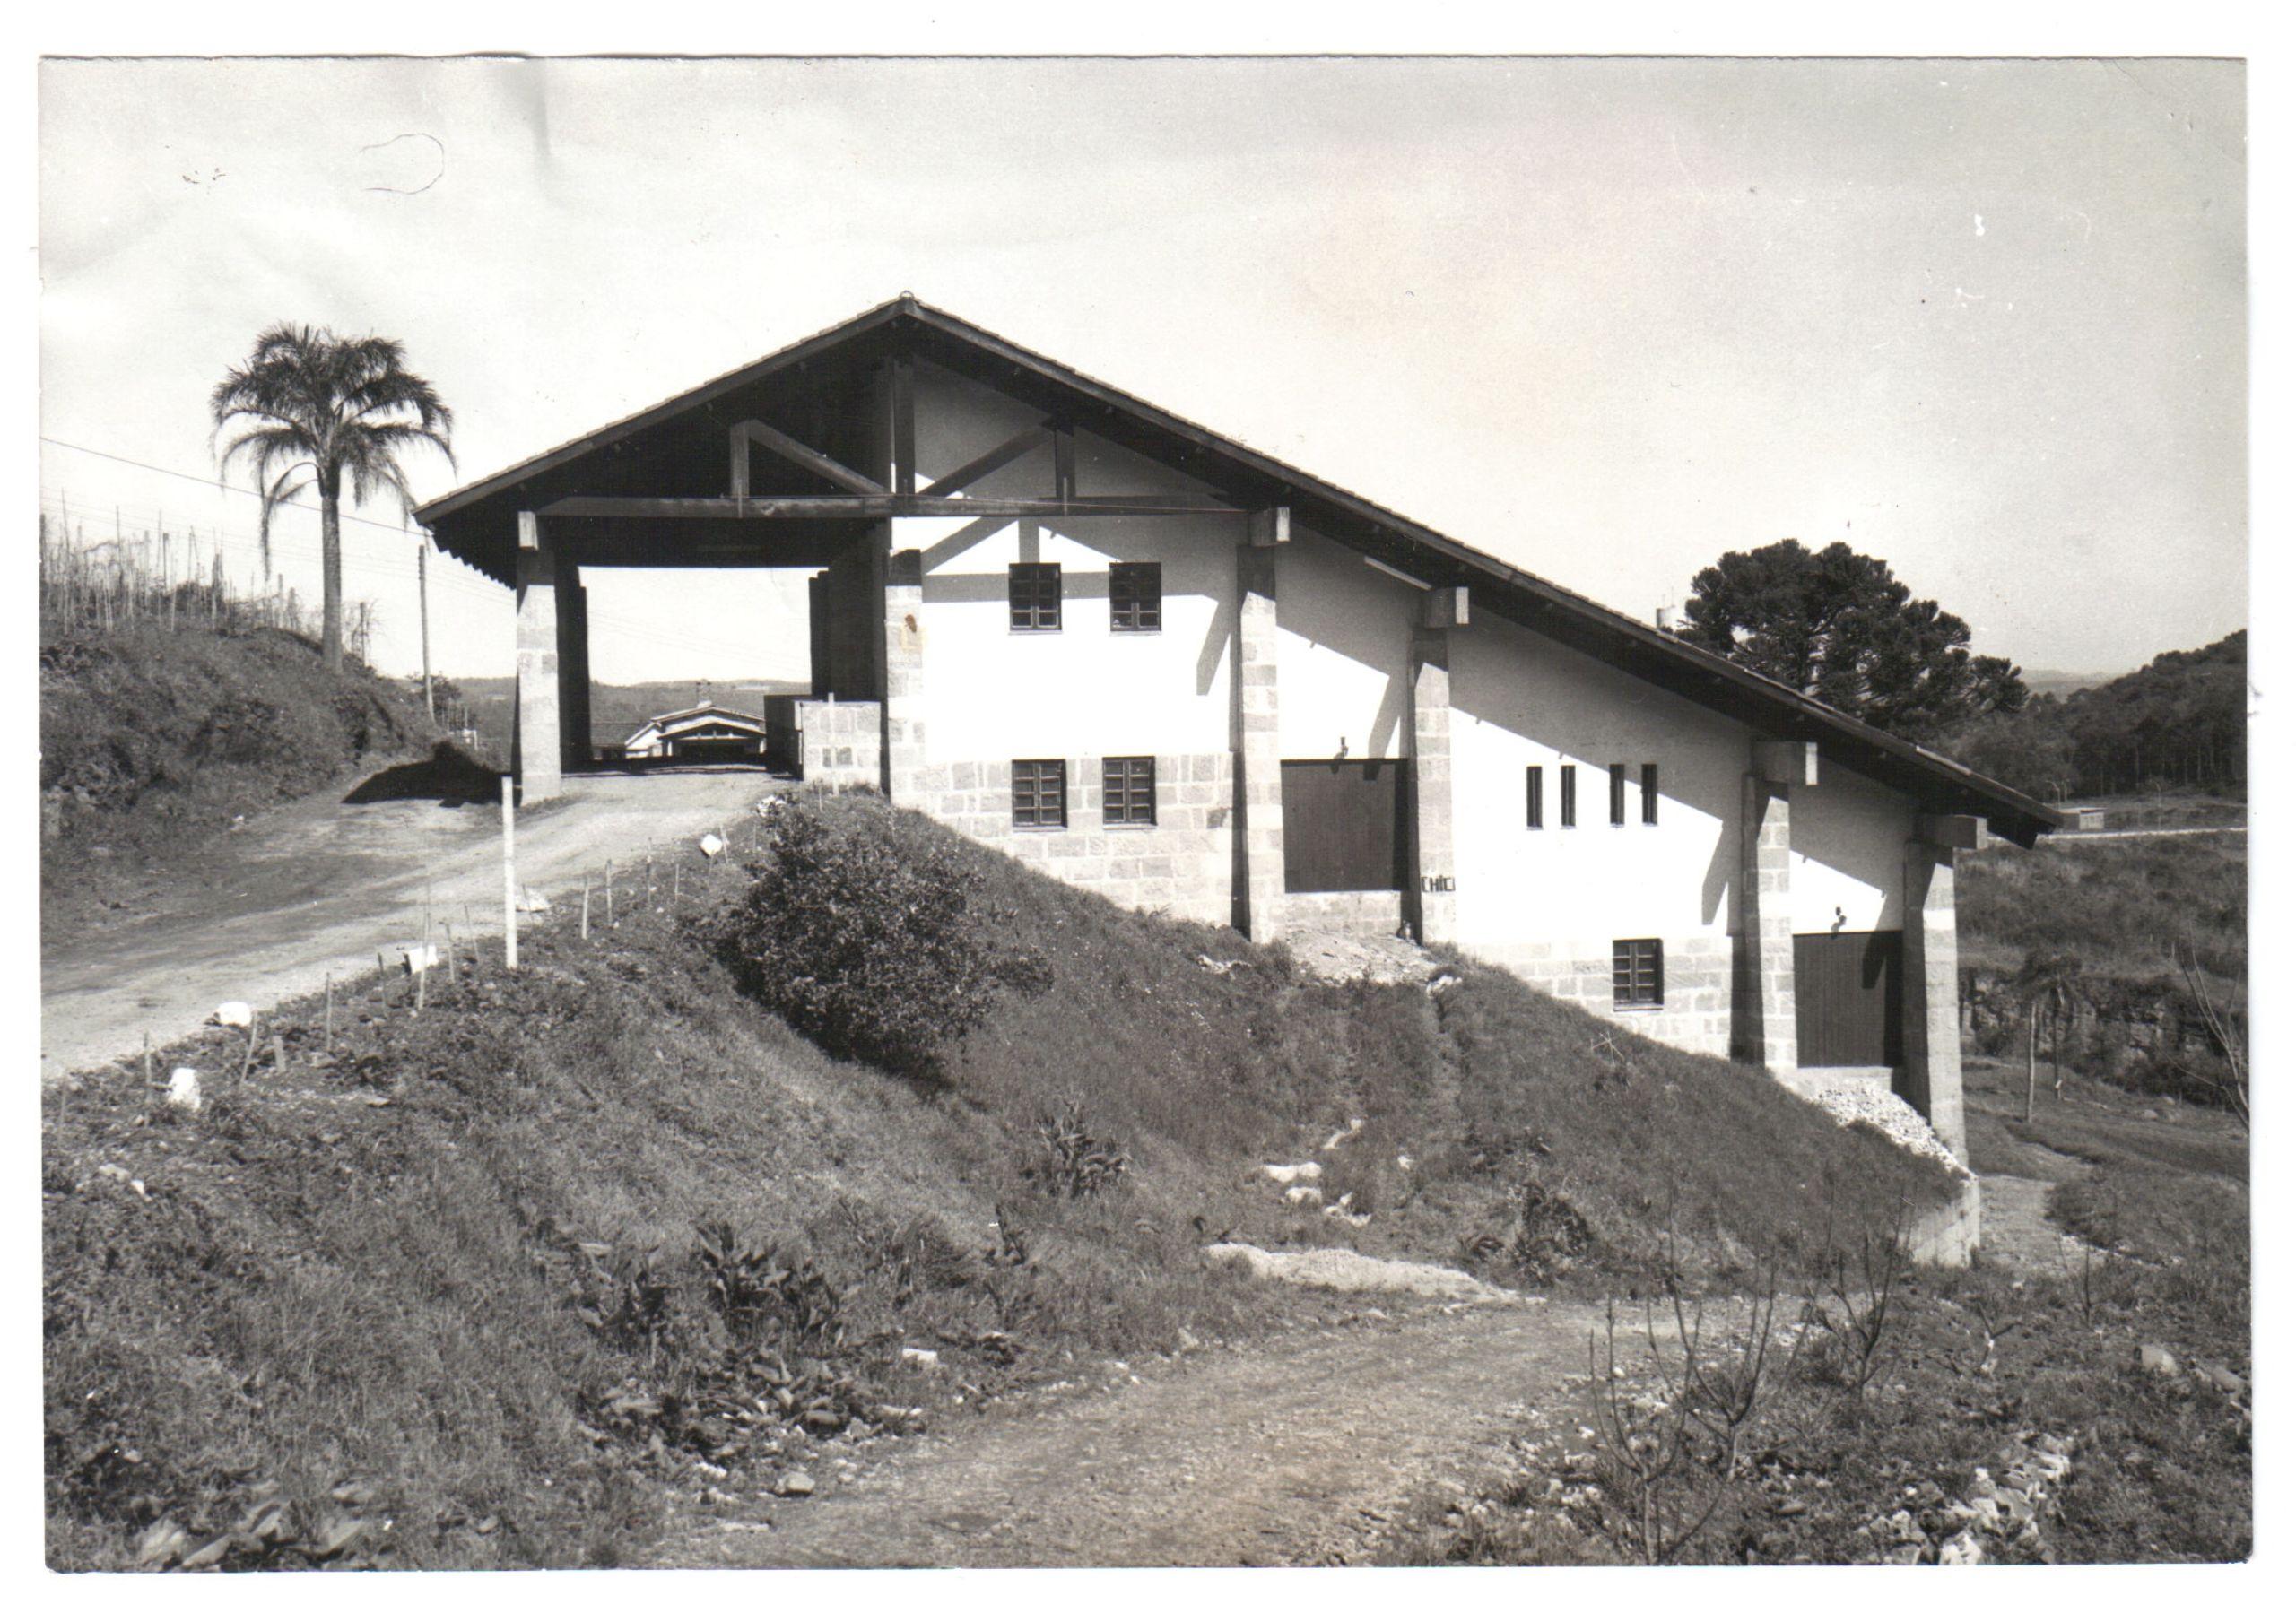 Inauguração da Vinícola-Escola (1979) do Colégio Viticultura e Enologia - atual Campus Bento Gonçalves